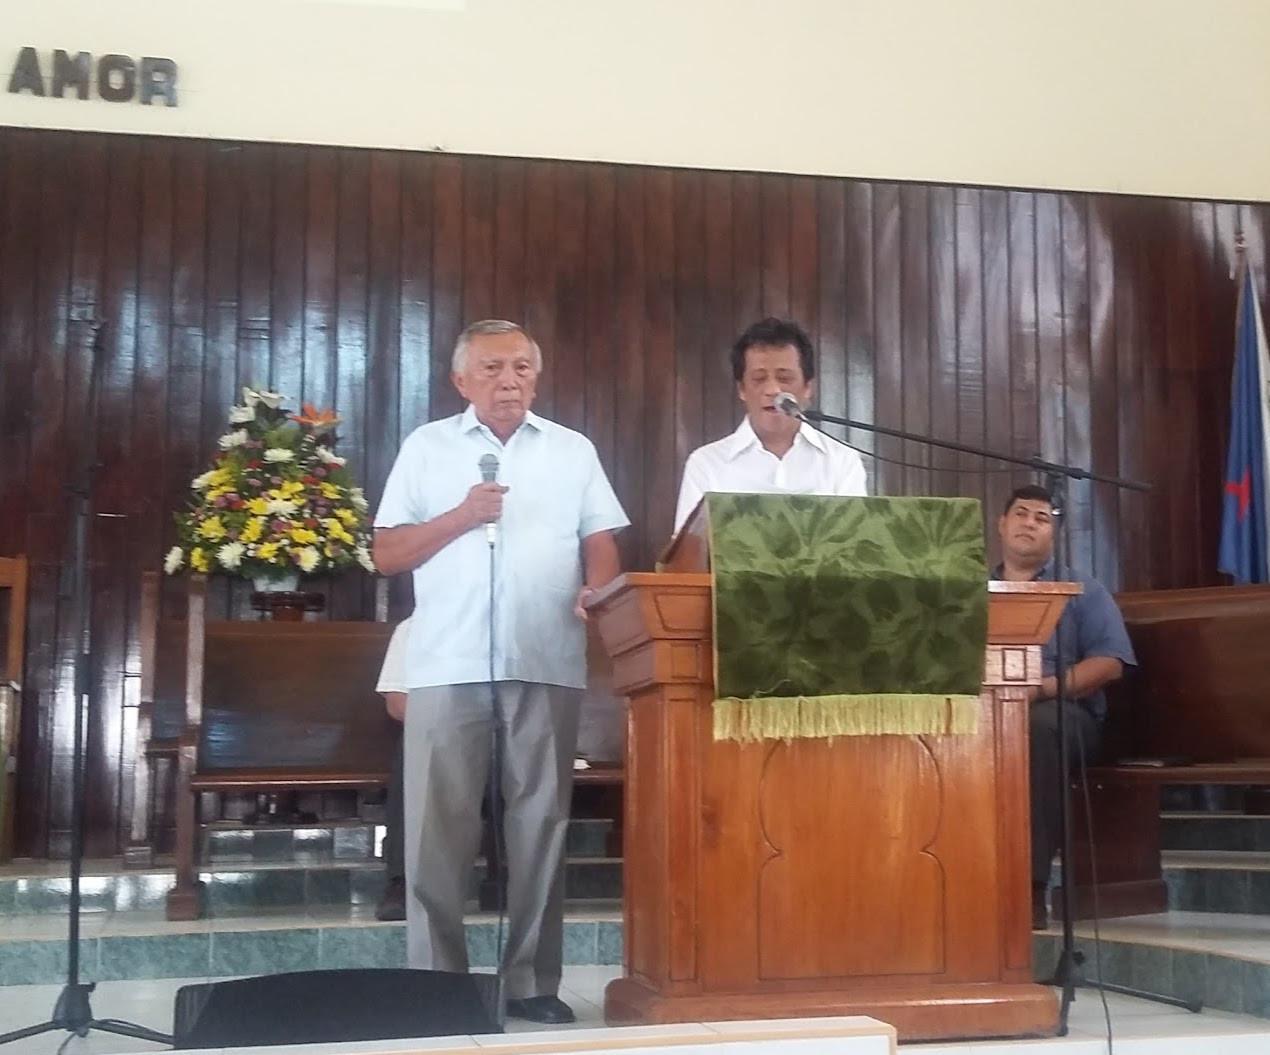 Luis & Bryon Singing.jpg